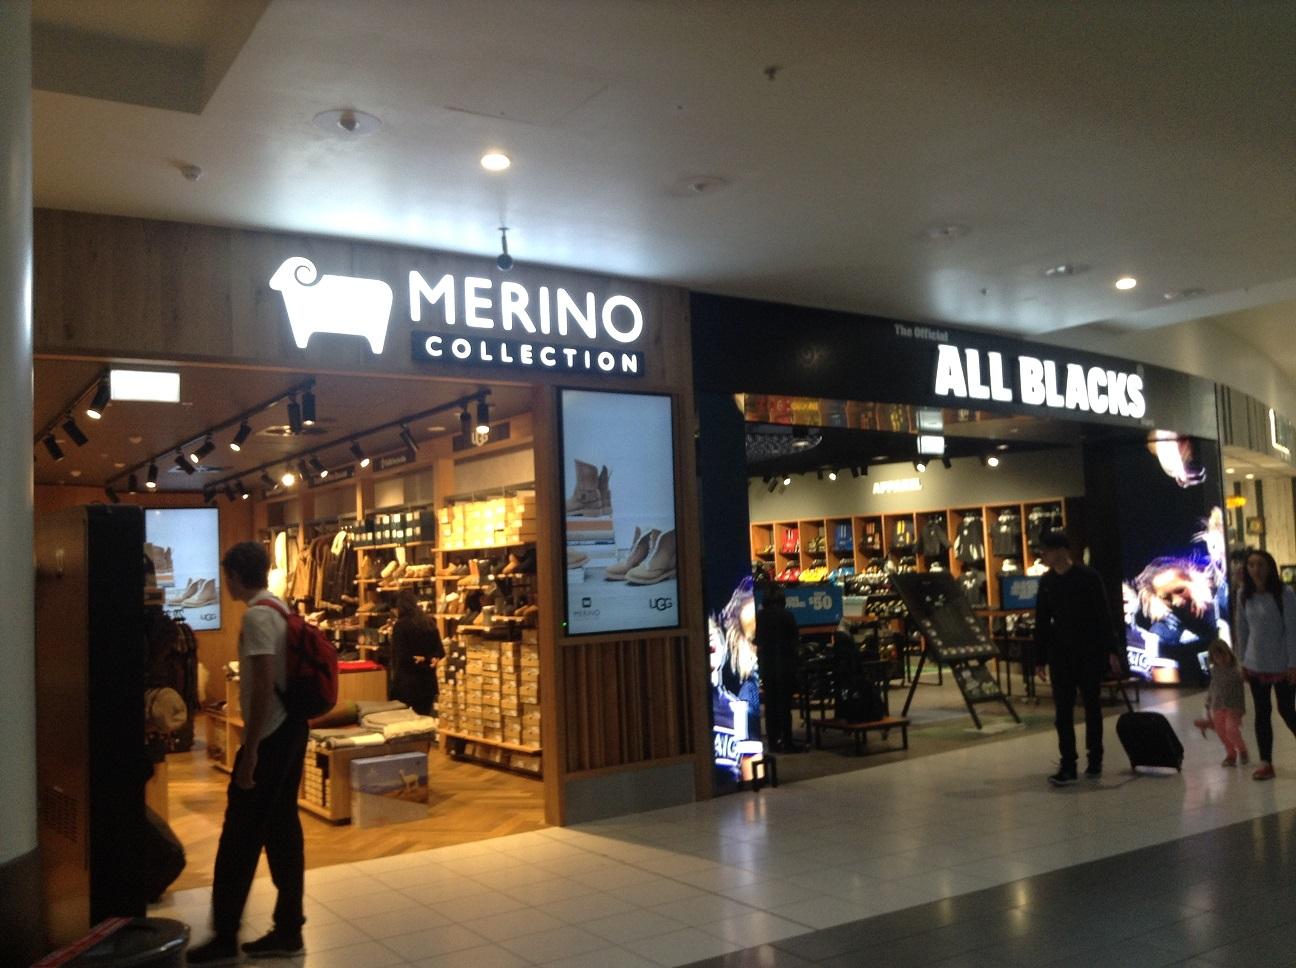 ニュージーランドのお土産。オールブラックスグッズとメリノウールのニット製品なら鉄板ですね。値段もそれなりに高価ですが。